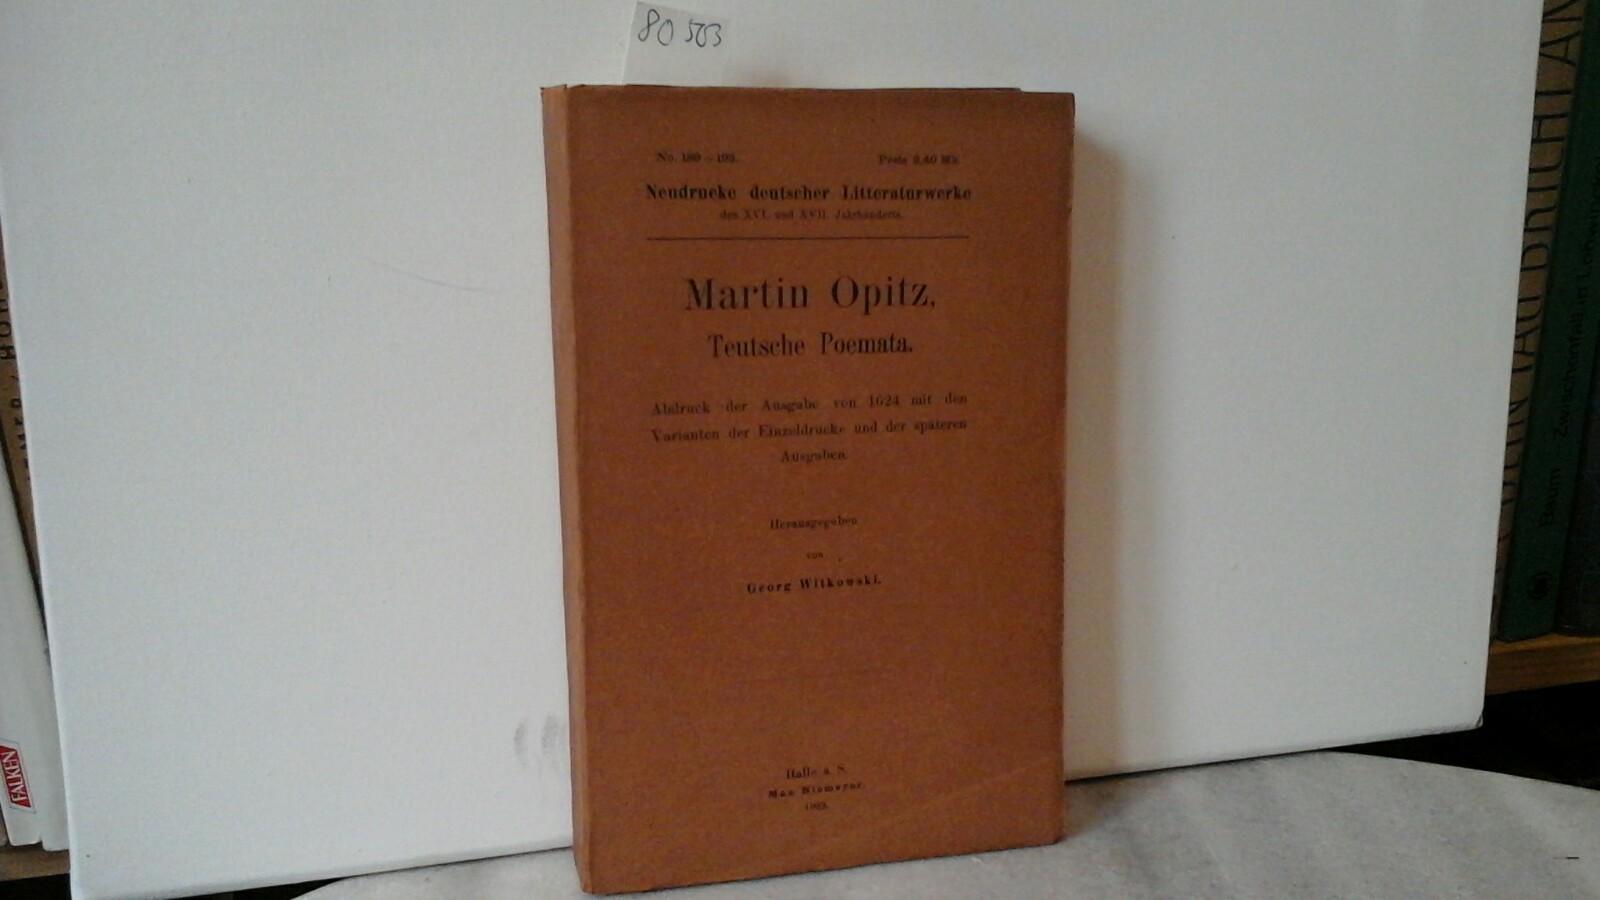 Teutsche Poemata. Abdruck der Ausgabe von 1624 mit den Varianten der Einzeldrucke und der späteren Ausgaben. Erste /1./ Auflage dieser Ausgabe.